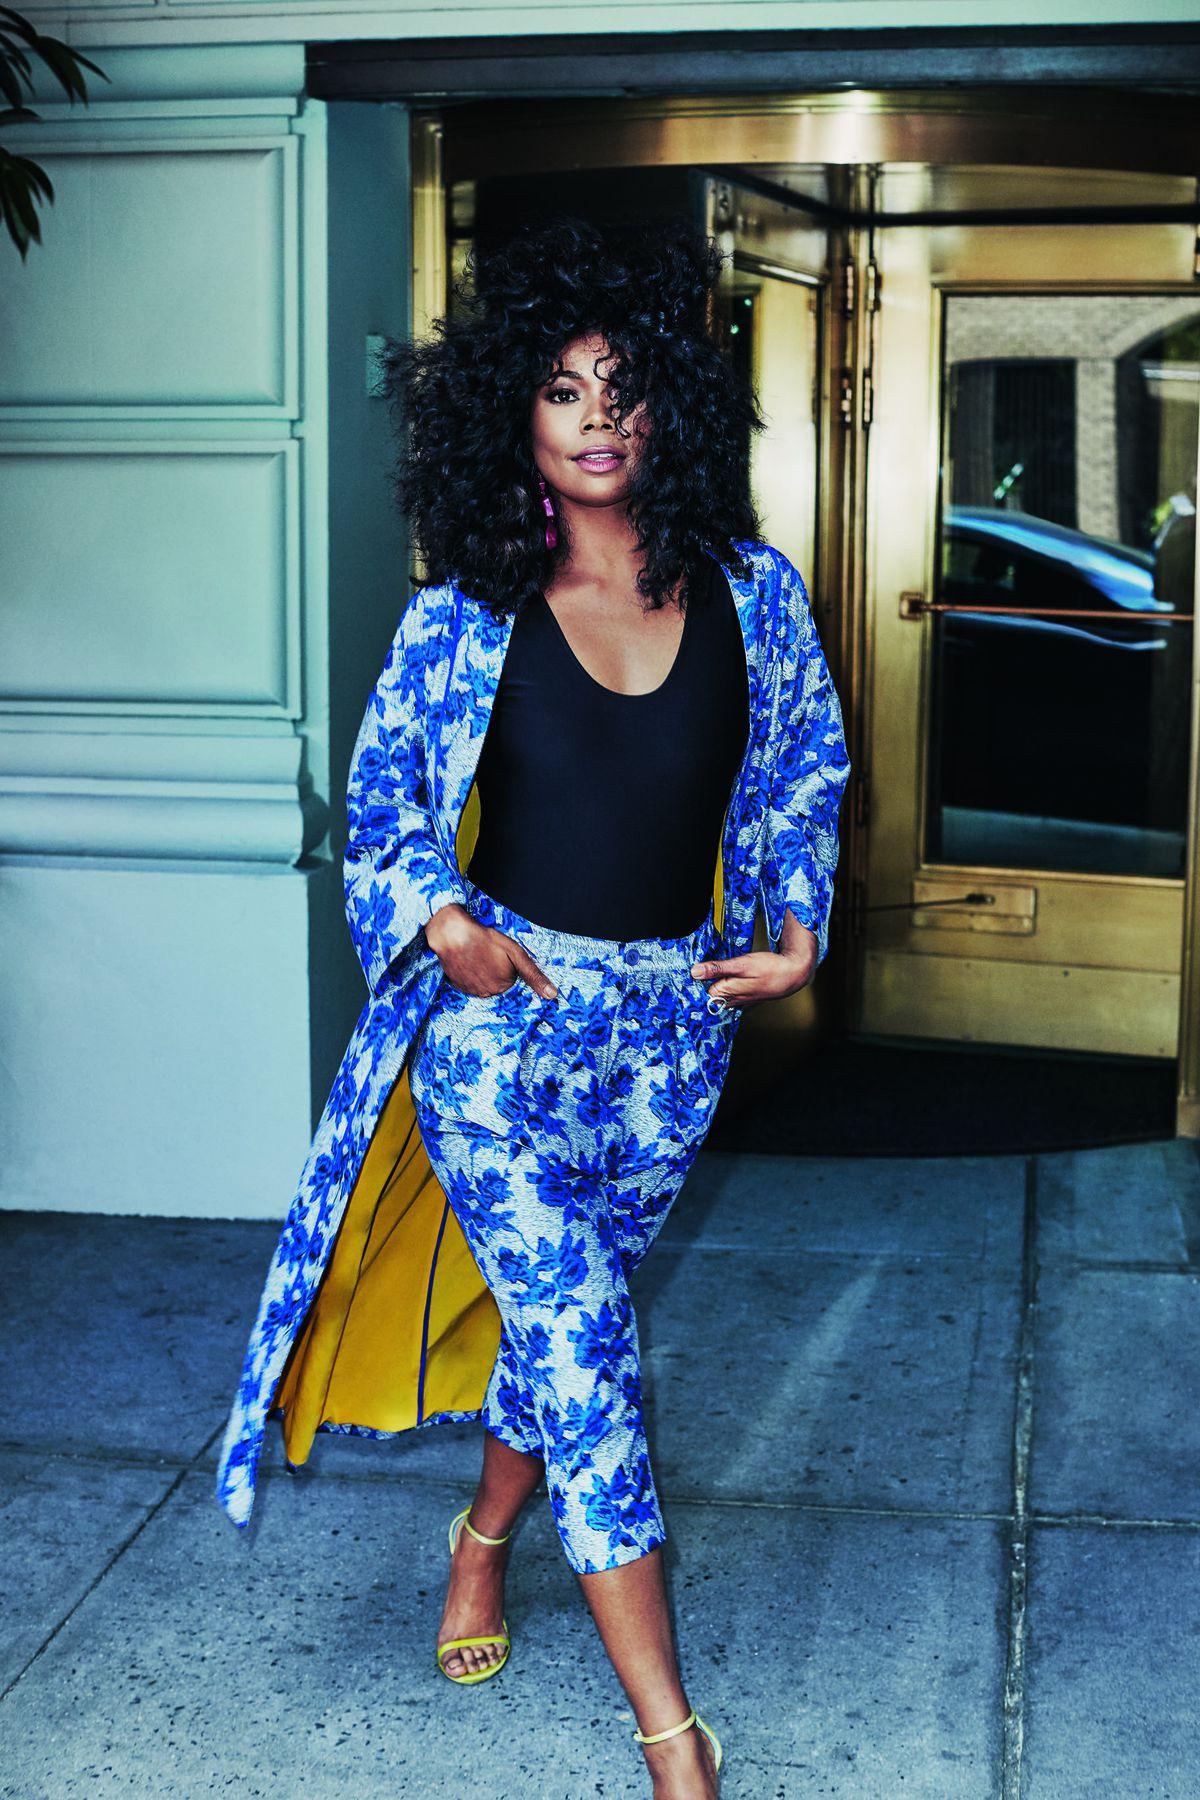 Gabrielle Union Collection Long Floral Kimono, $129.95, Bodysuit, $49.95, and Floral Harem Pant, $64.95